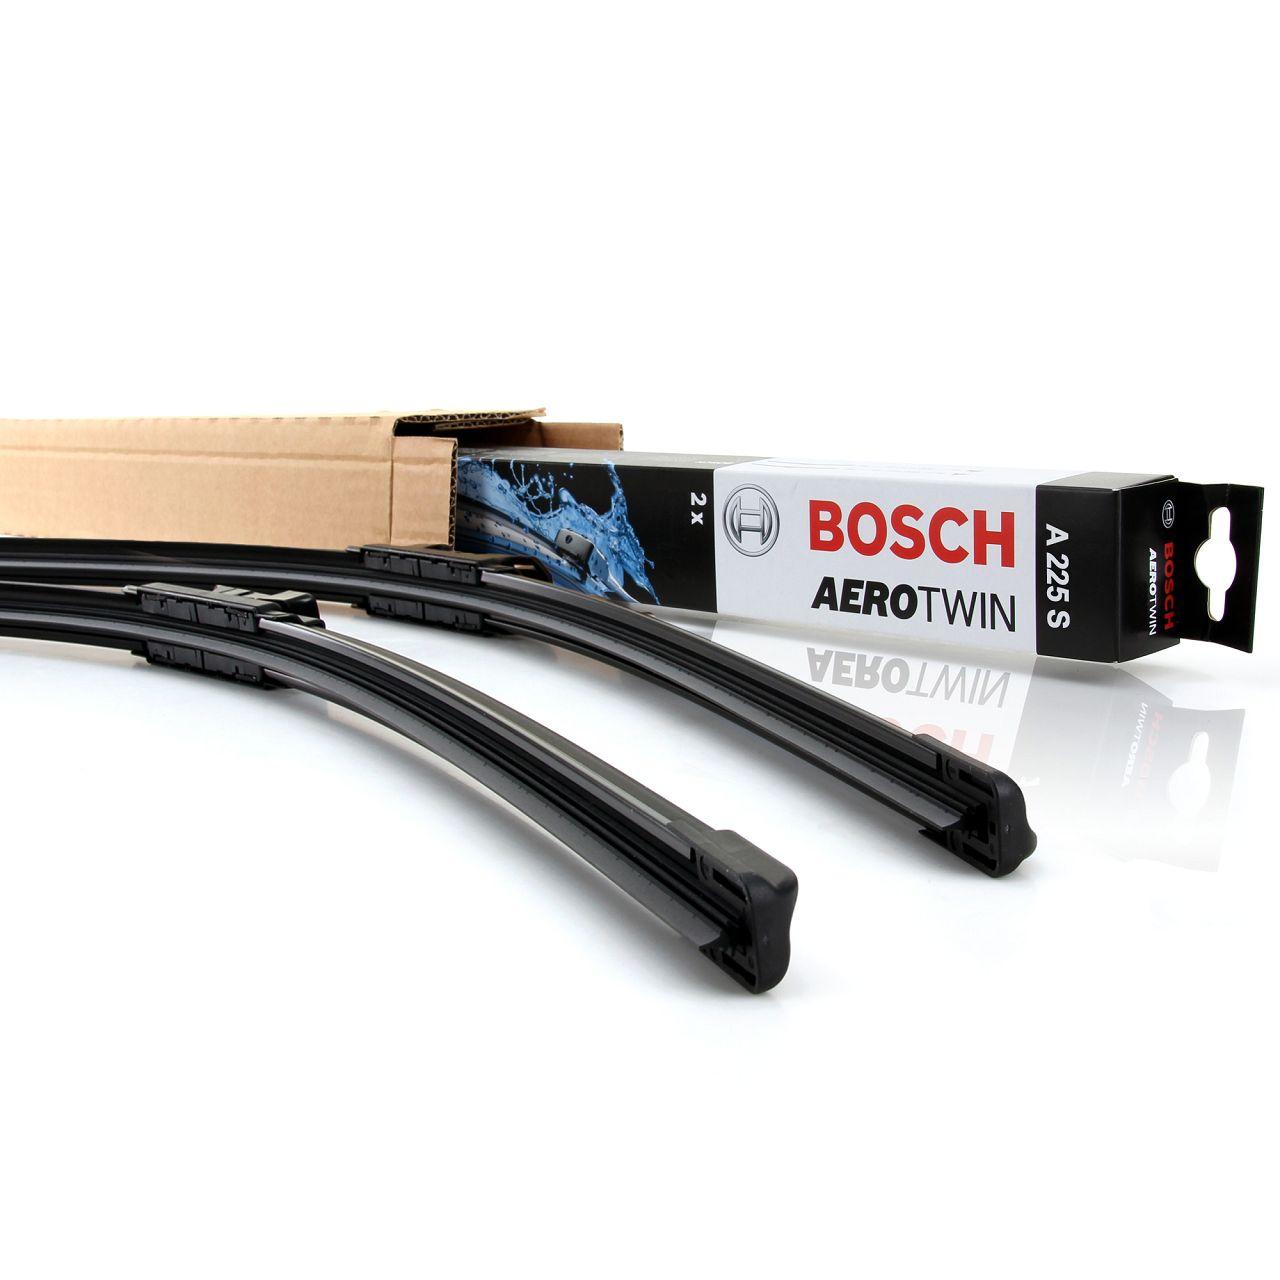 BOSCH AEROTWIN A225S Scheibenwischer Wischerblätter für JUMPER DUCATO BOXER